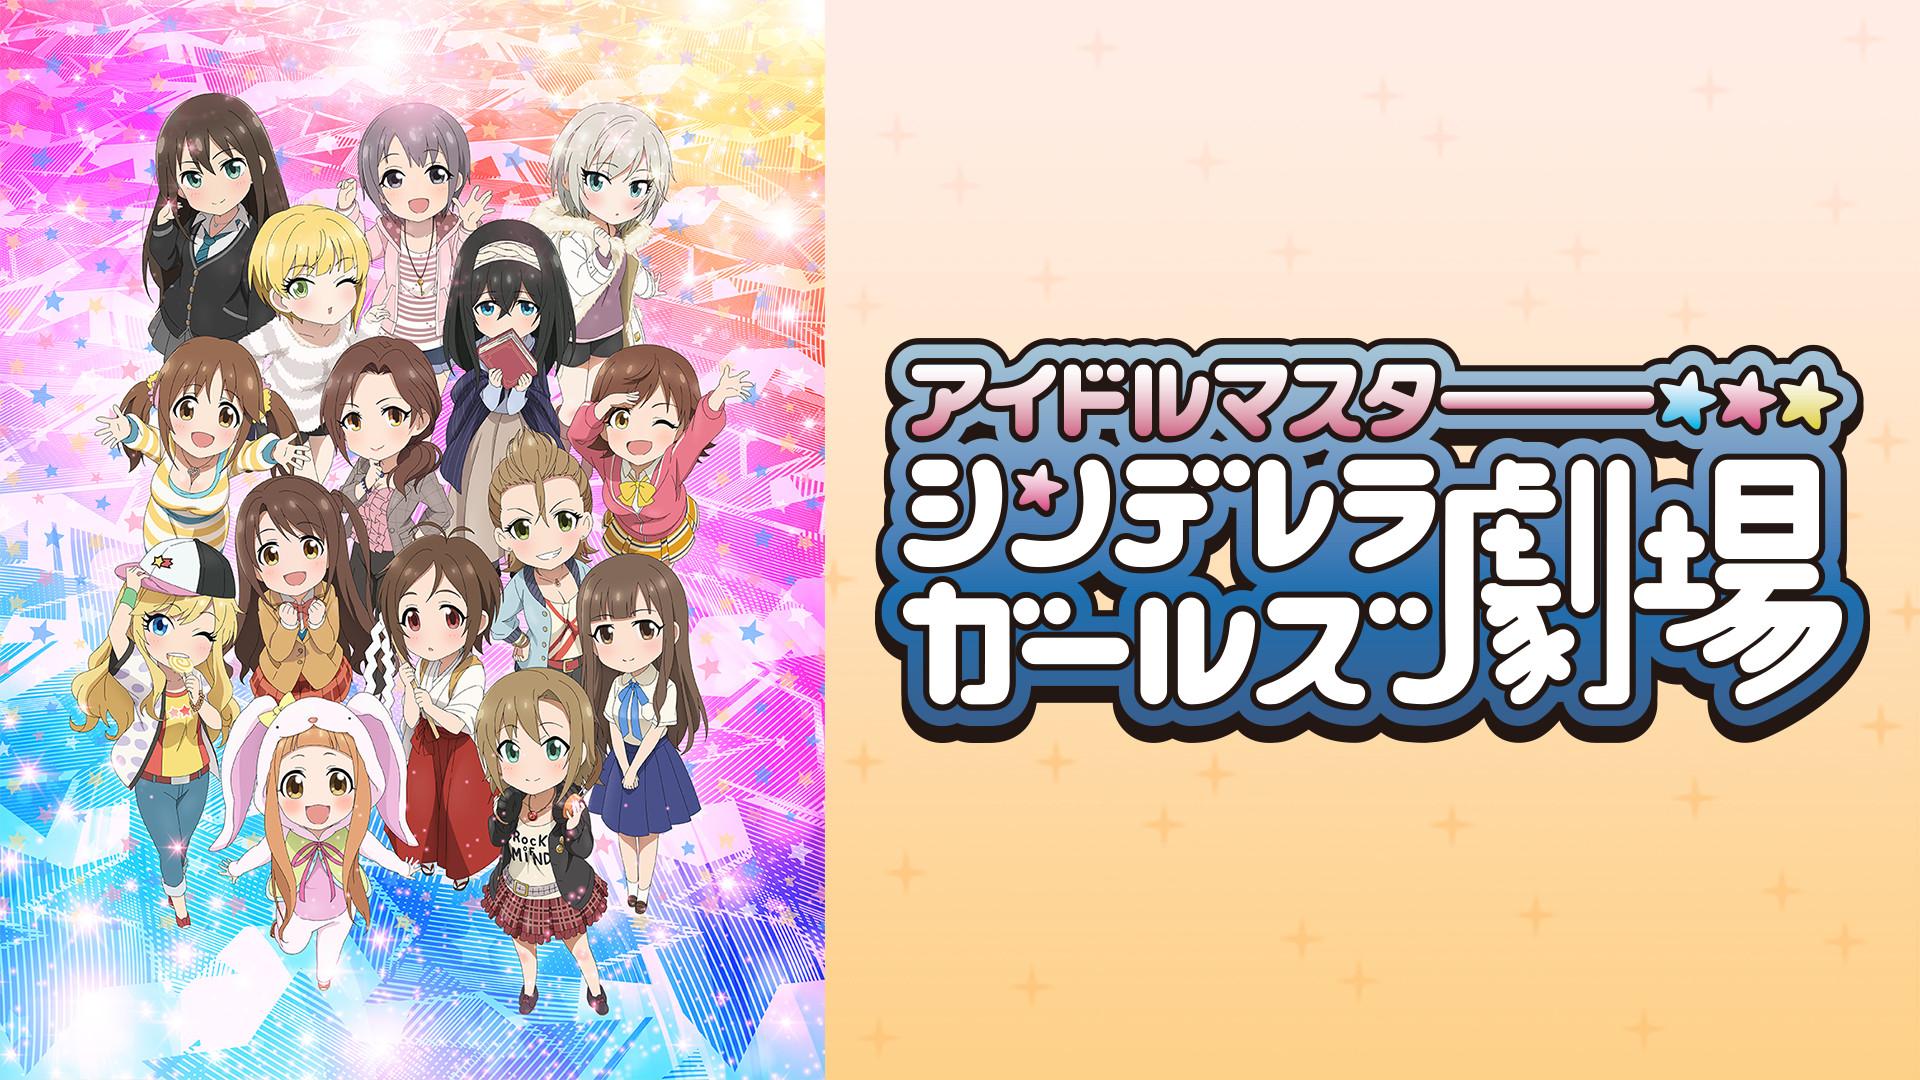 アイドルマスター シンデレラガールズ劇場 2期(dアニメストア)